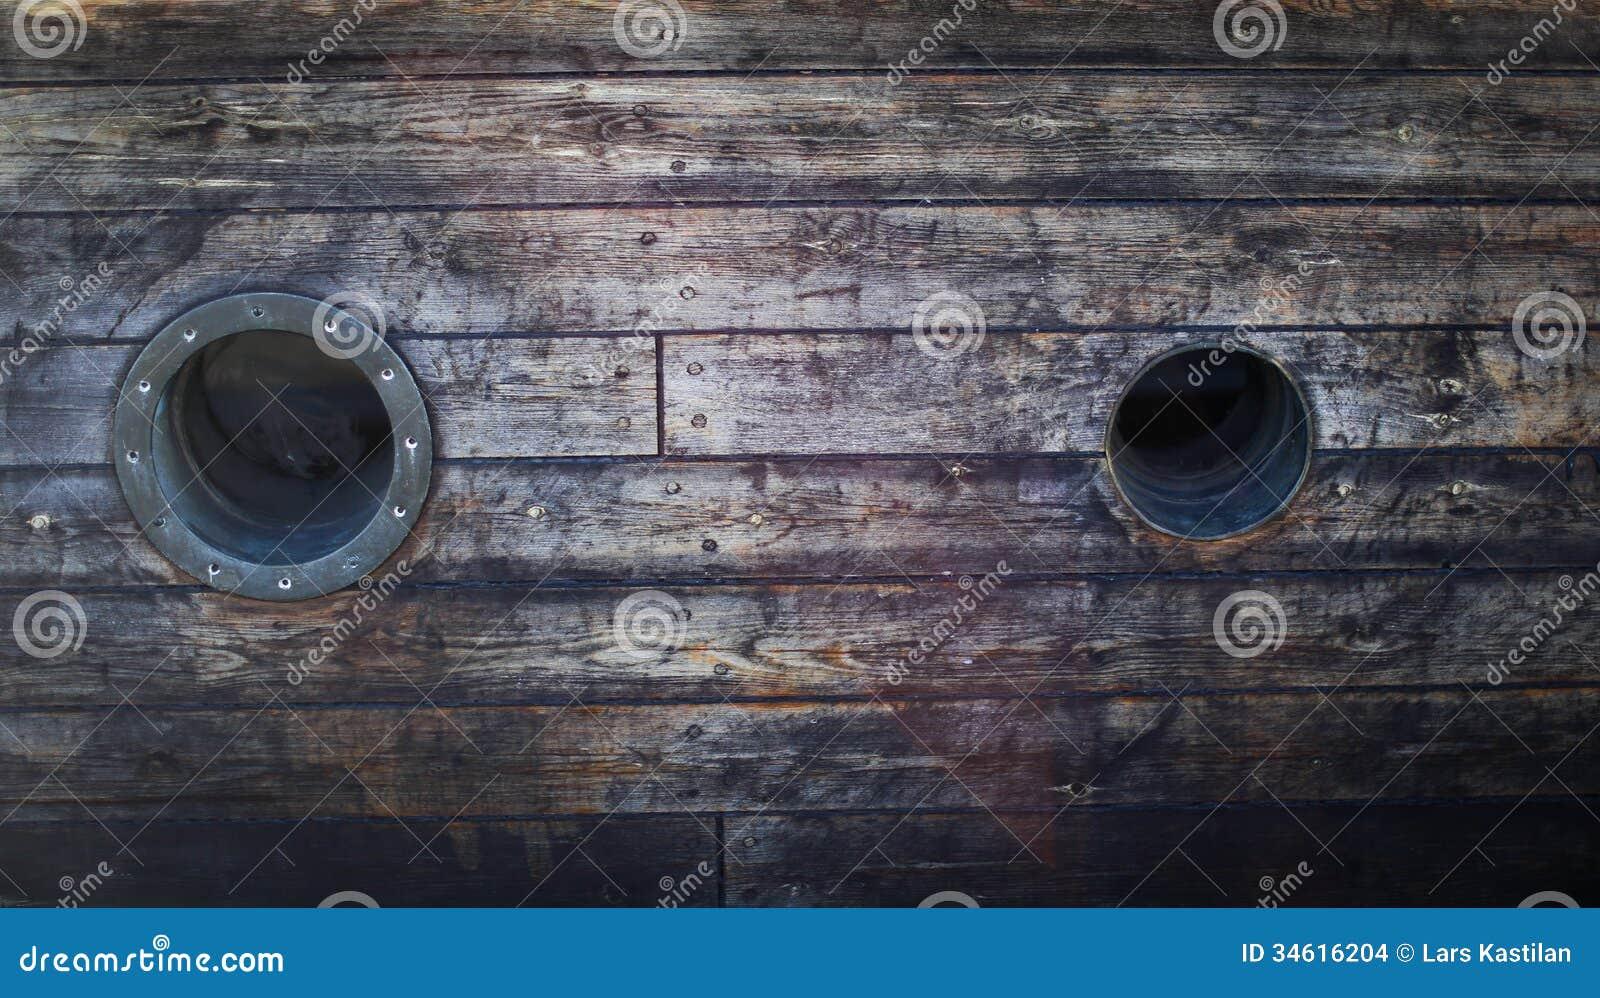 Portholes stock photo. Image of porthole, circle, nails - 34616204